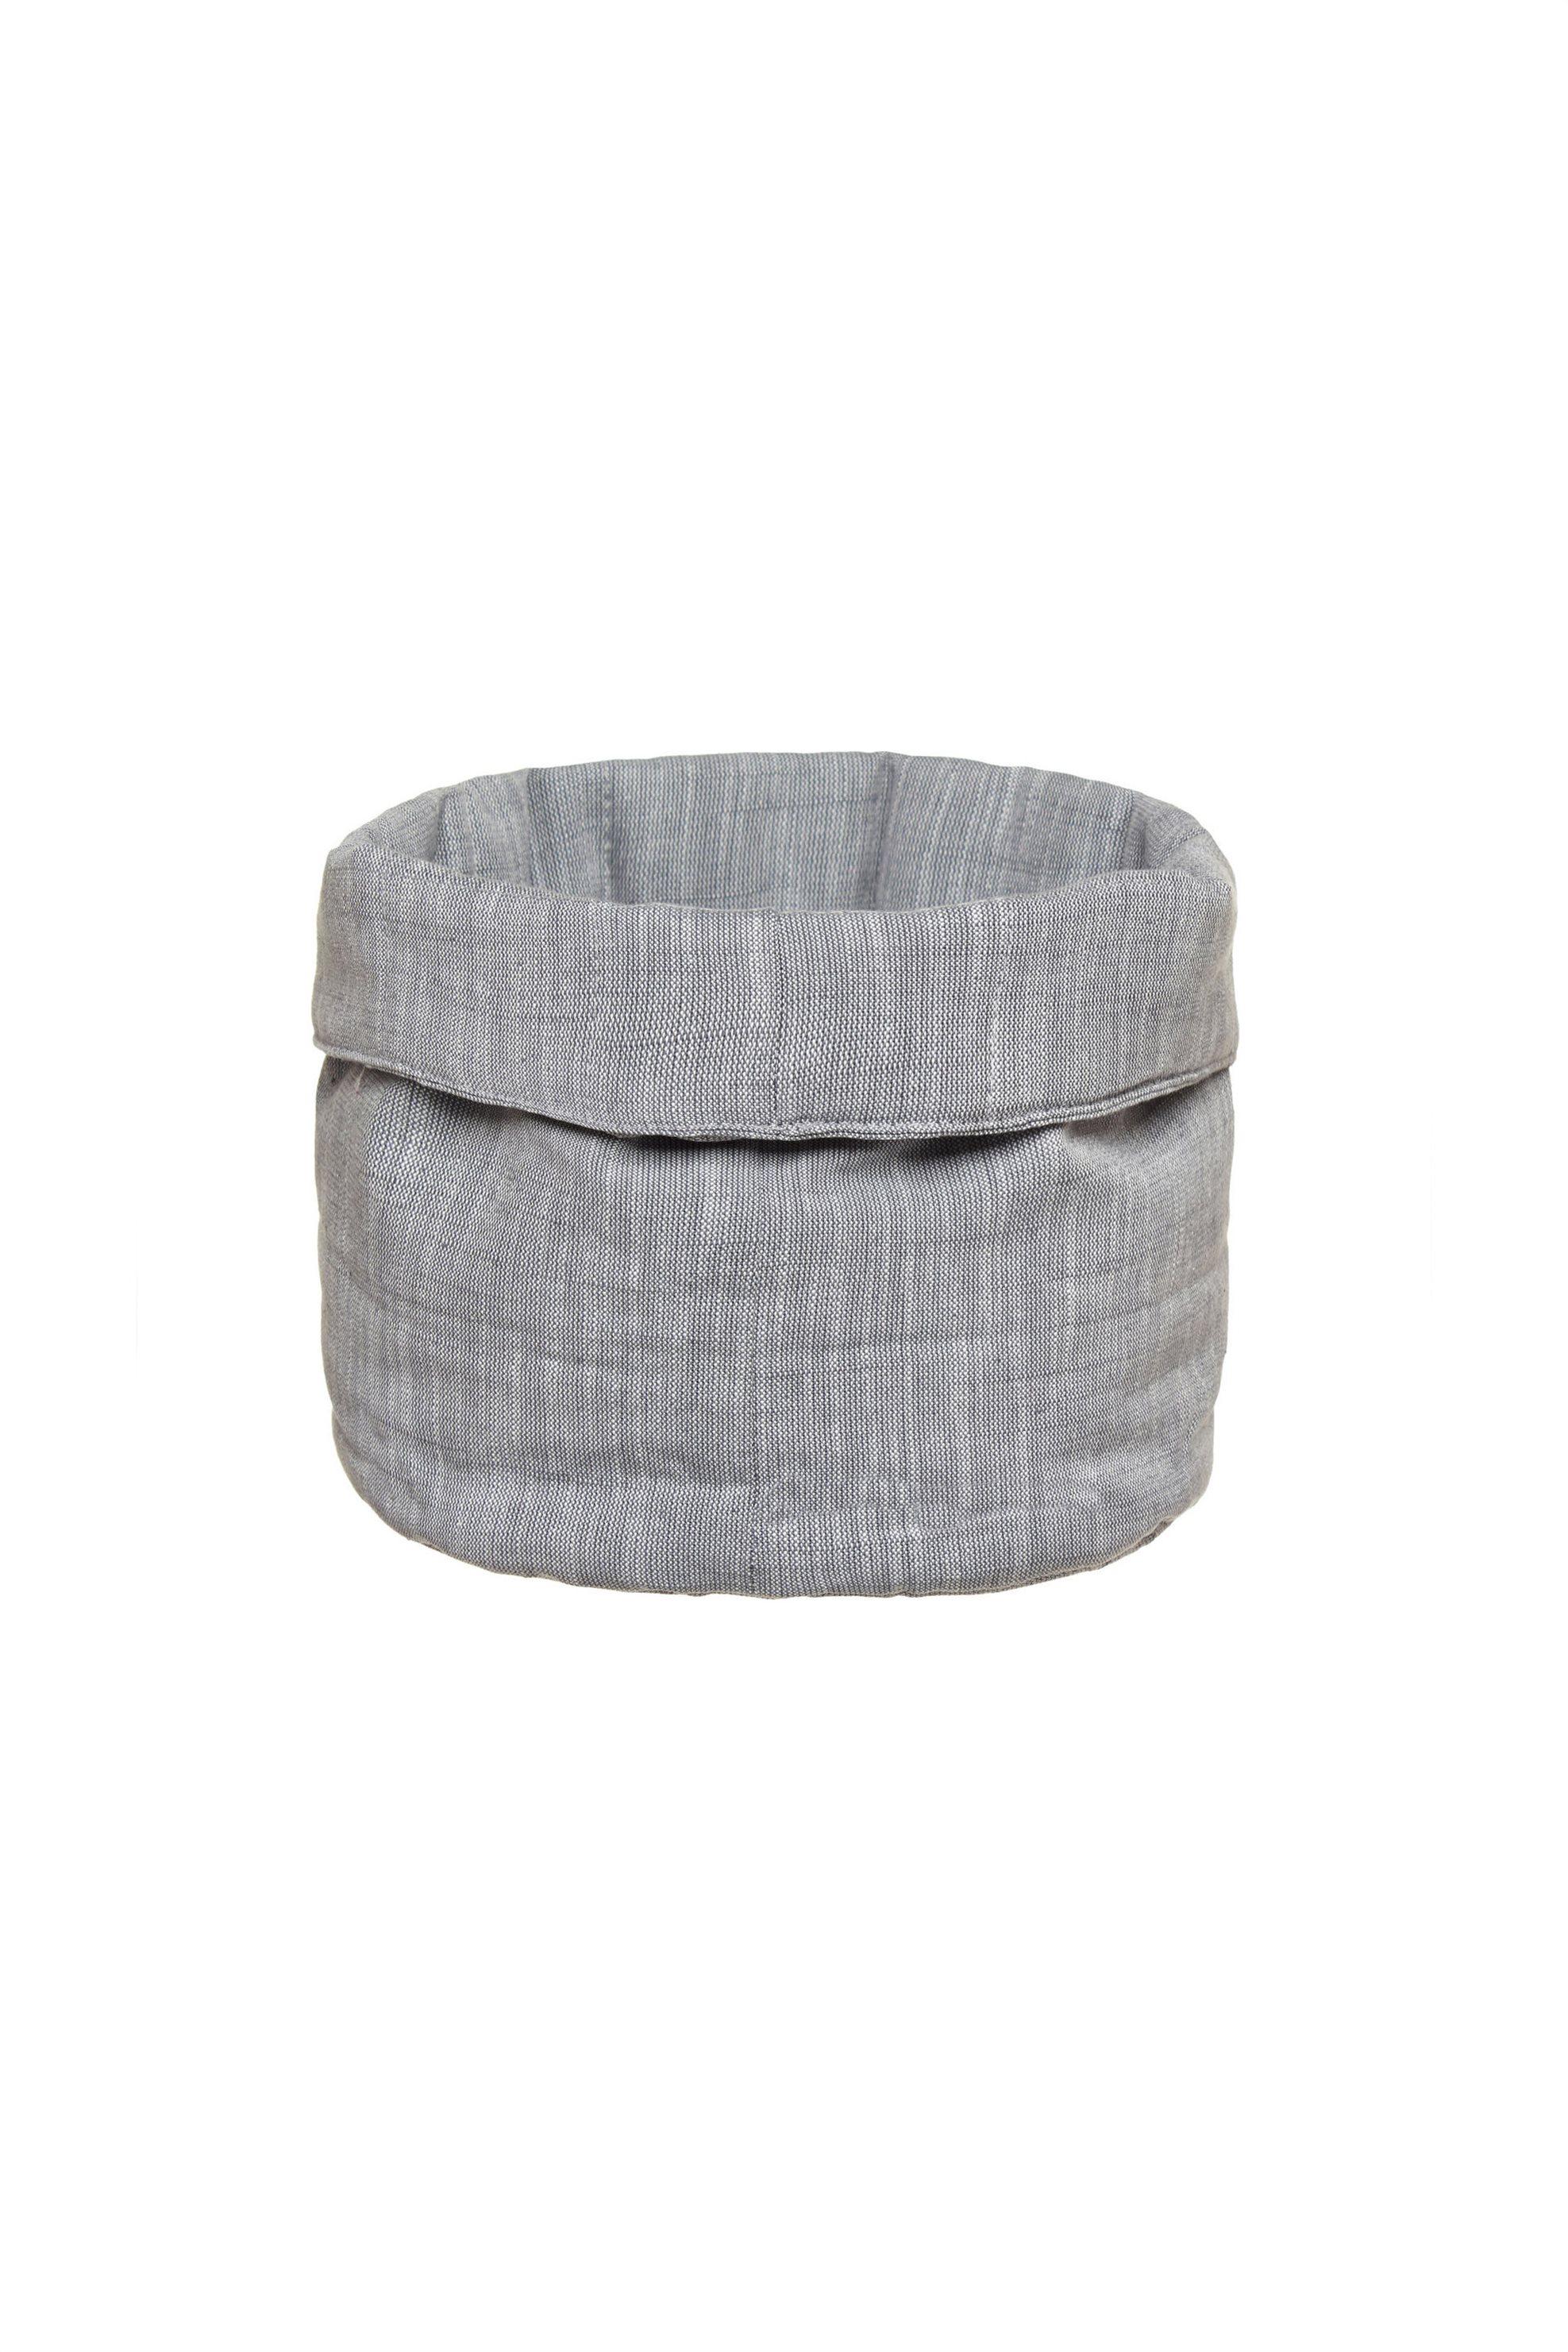 Καλαθάκι στρογγυλό 20 χ 20 cm Coincasa - 000495324 - Γκρι home   κουζινα   αξεσουάρ kουζίνας